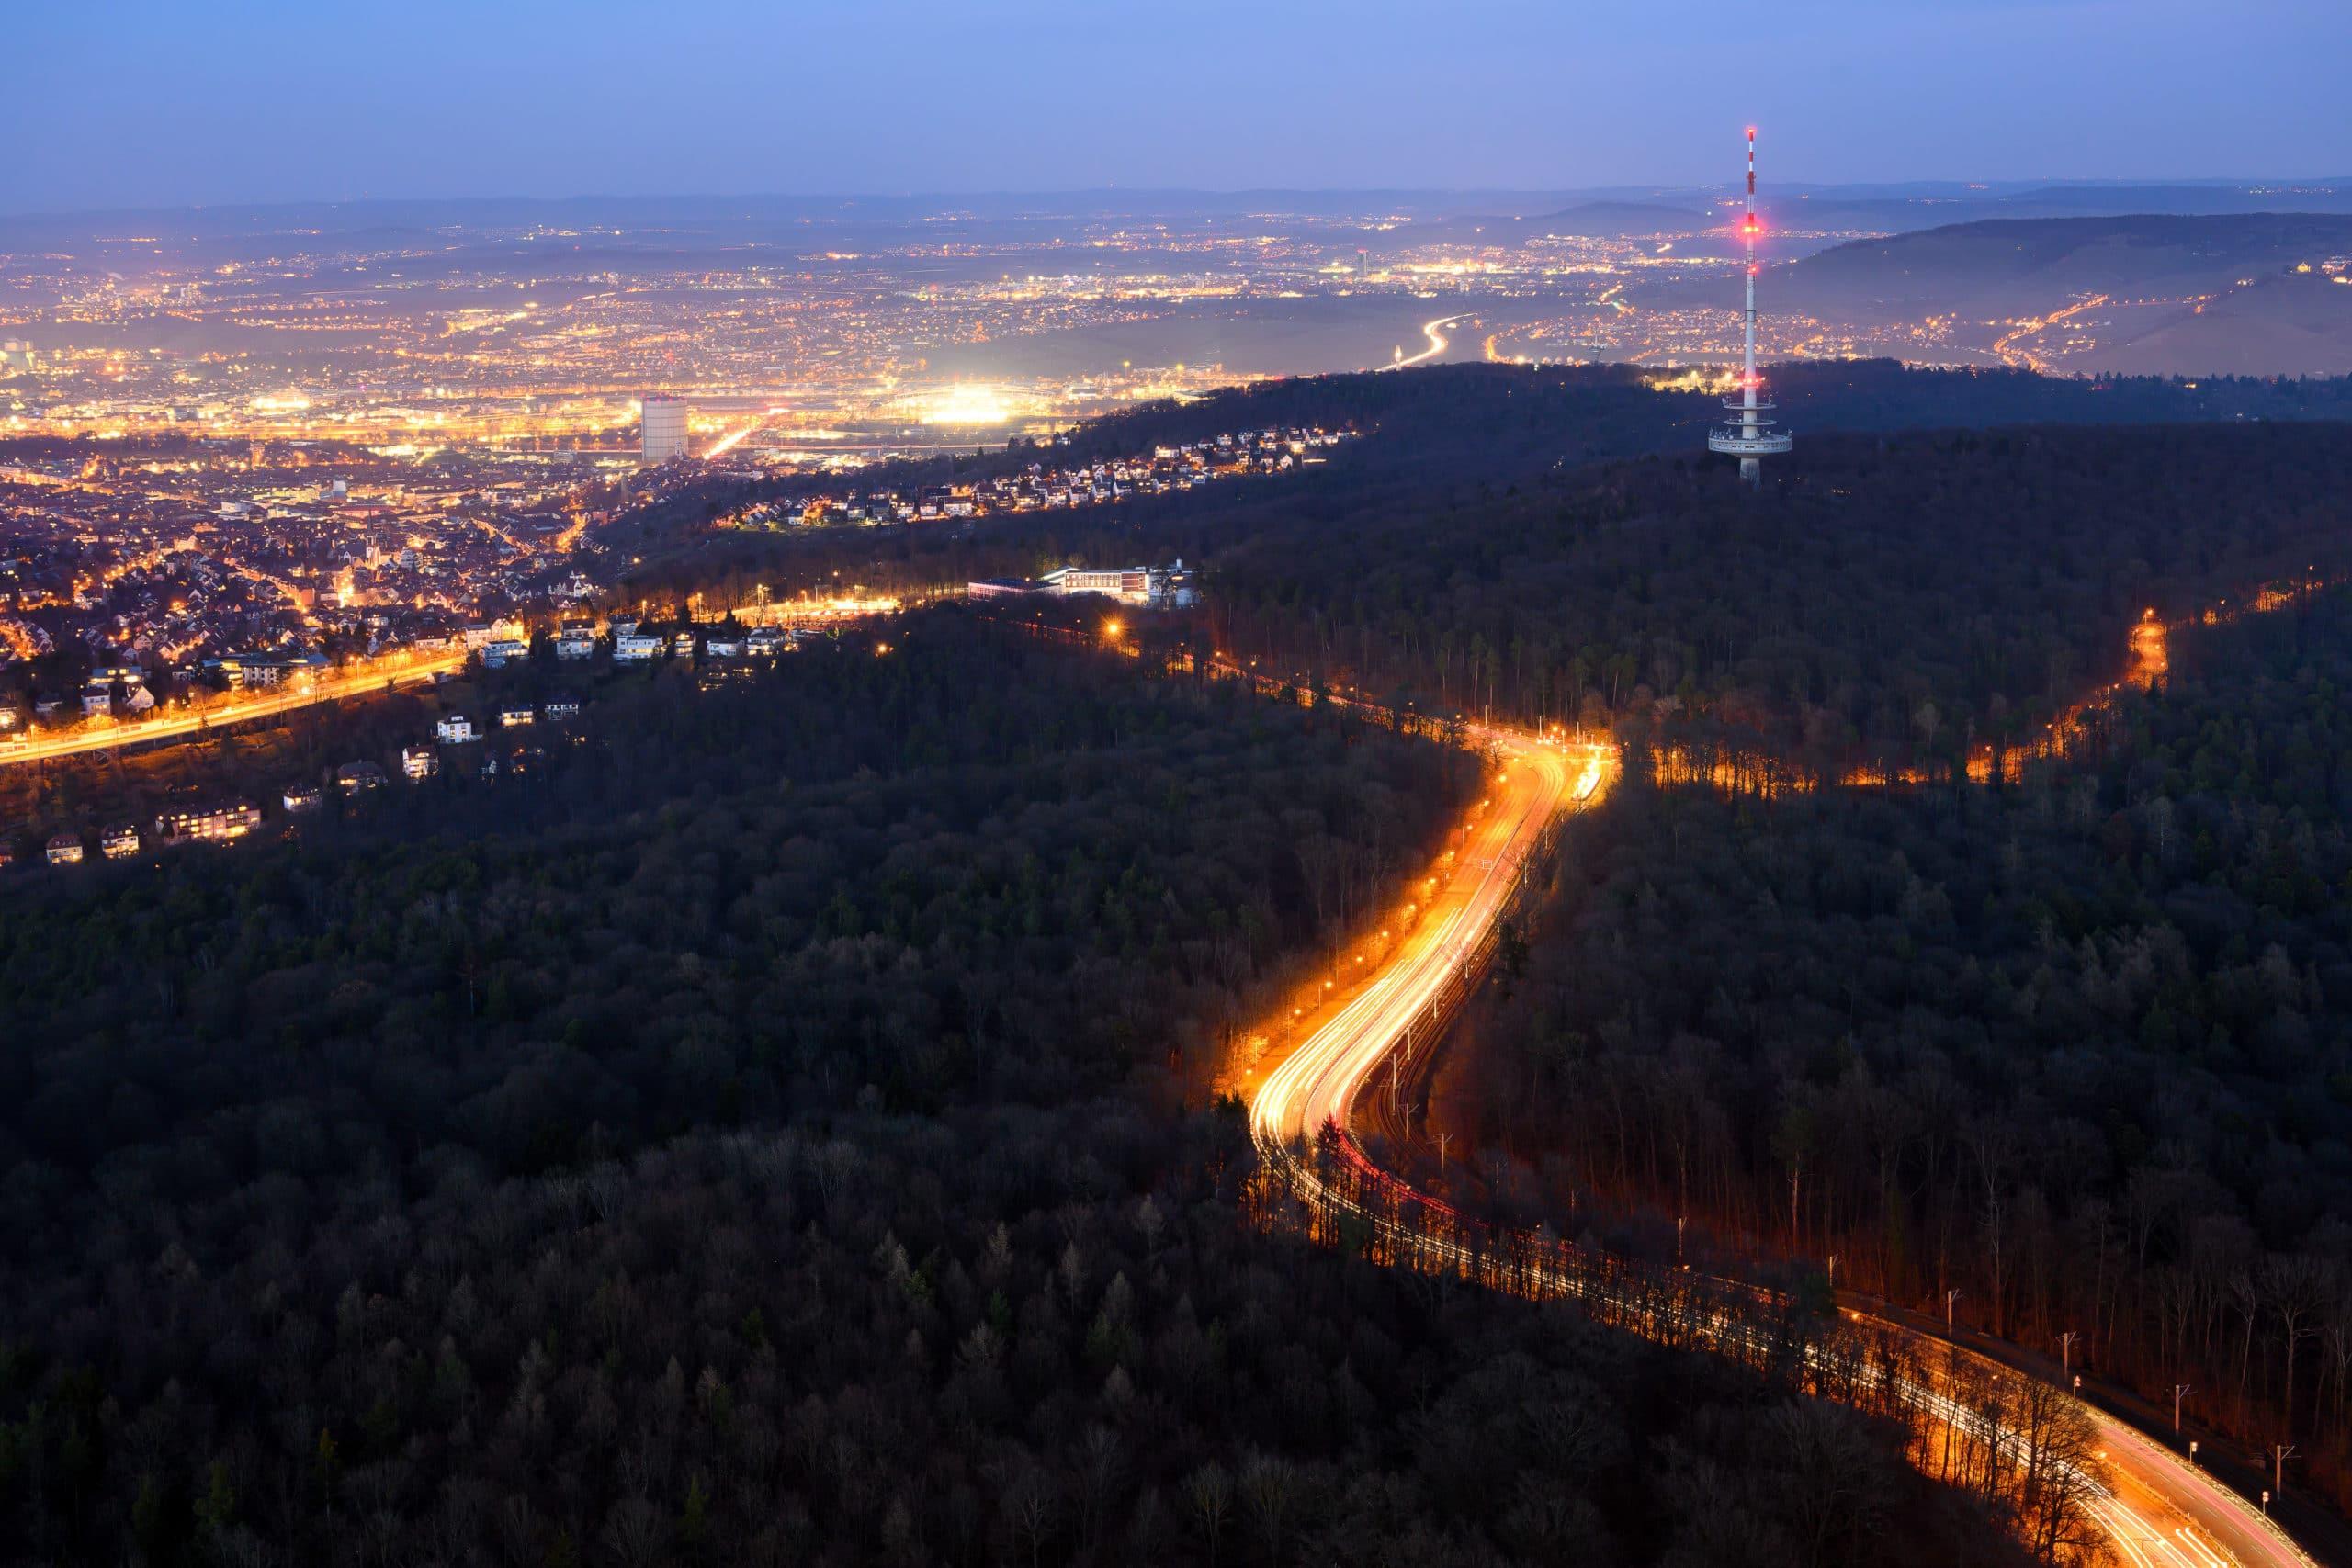 Luftaufnahme der Stadt Stuttgart bei Nacht in voller Beleuchtung  Werbefotograf in der Region Osnabrück Münster Bielefeld für Luftaufnahmen und Städtefotografie